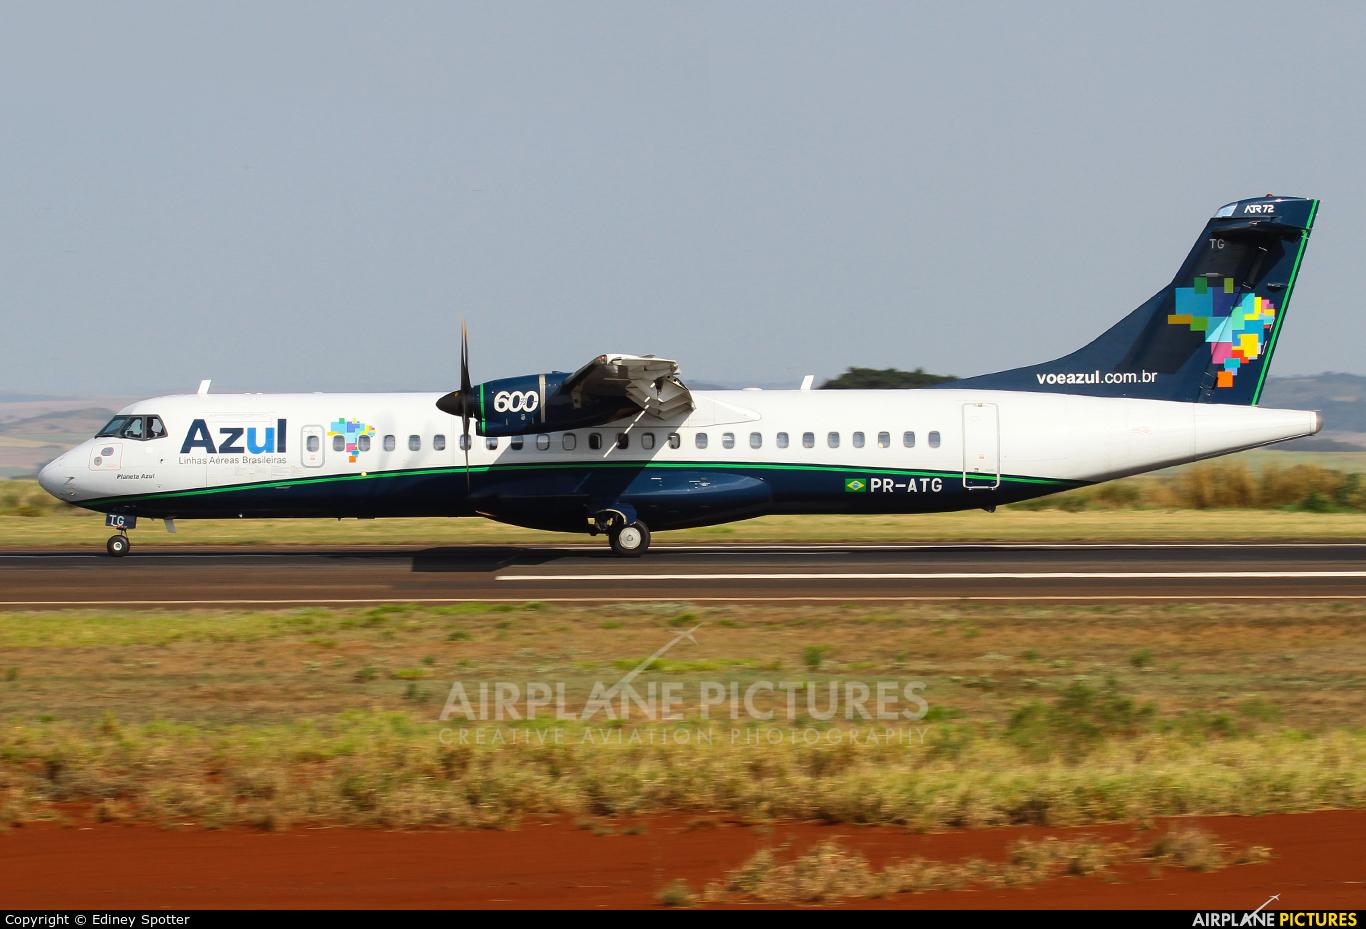 Azul Linhas Aéreas PR-ATG aircraft at Maringá - Sílvio Name Júnior Regional